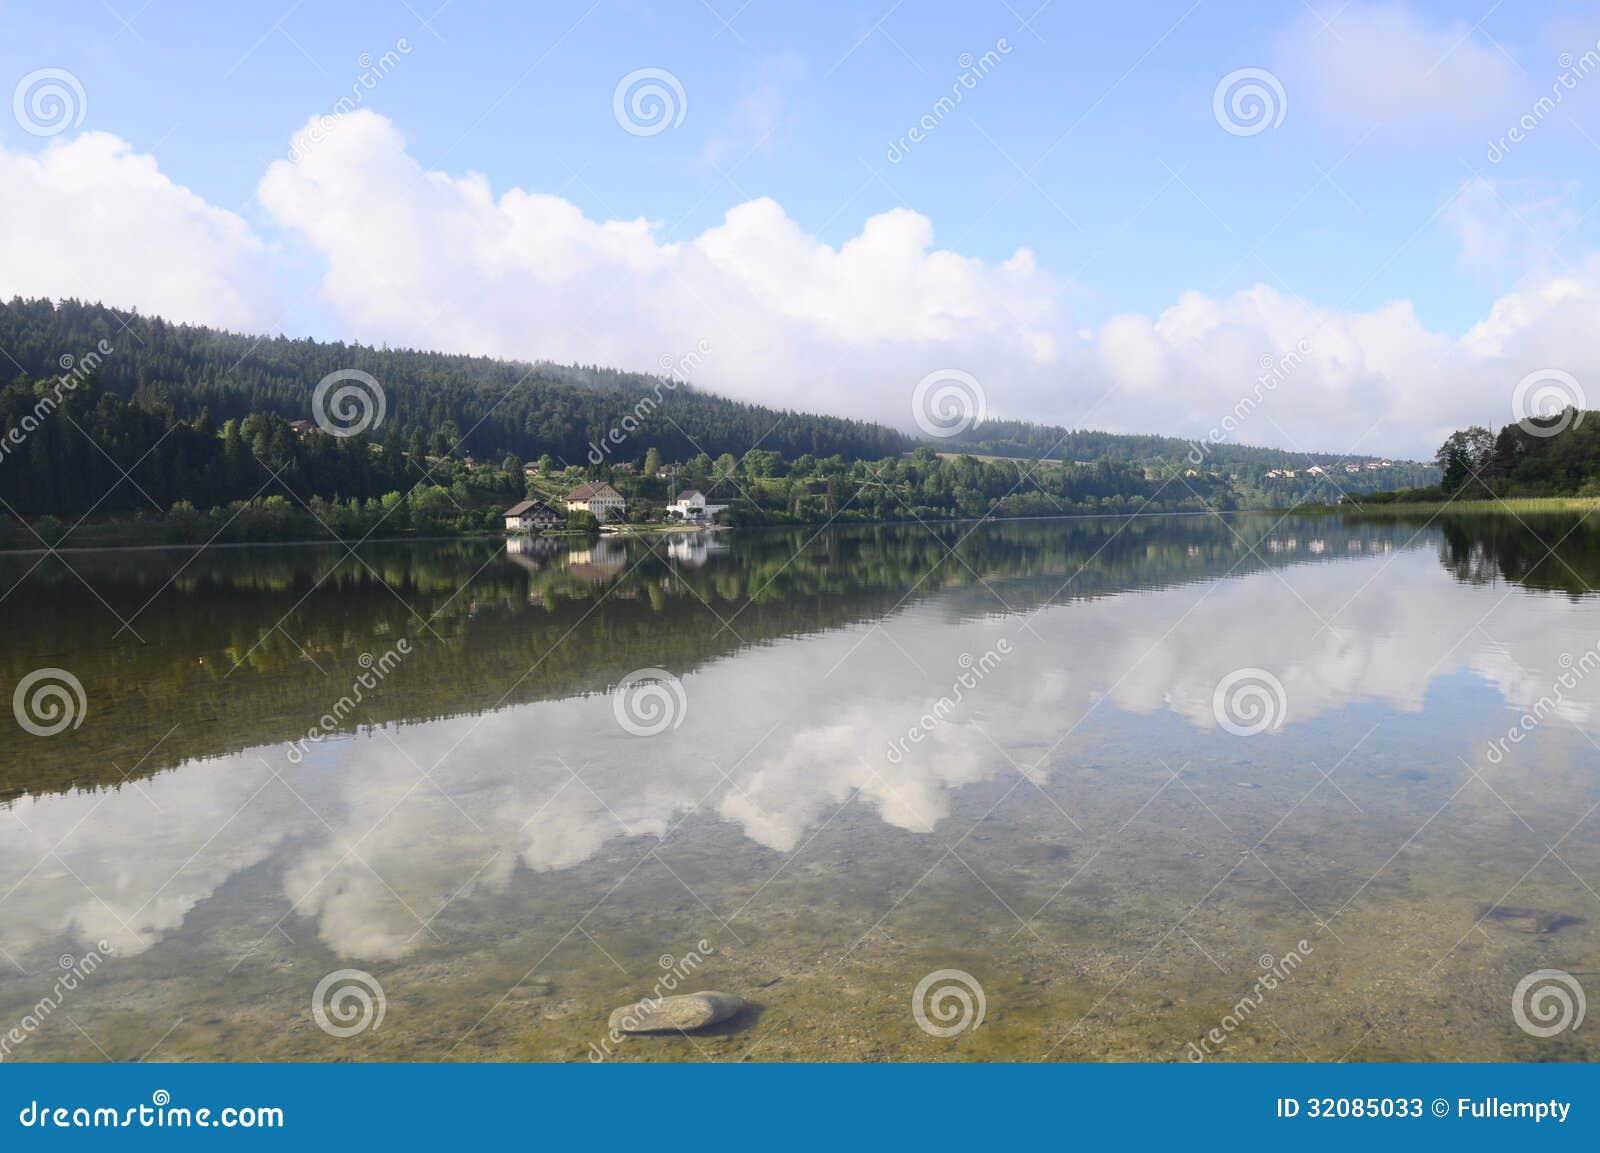 Harligt Naturligt Landskap Av Abbey Lake I Jura Frankrike Fotografering For Bildbyraer Bild Av Harligt Jura 32085033